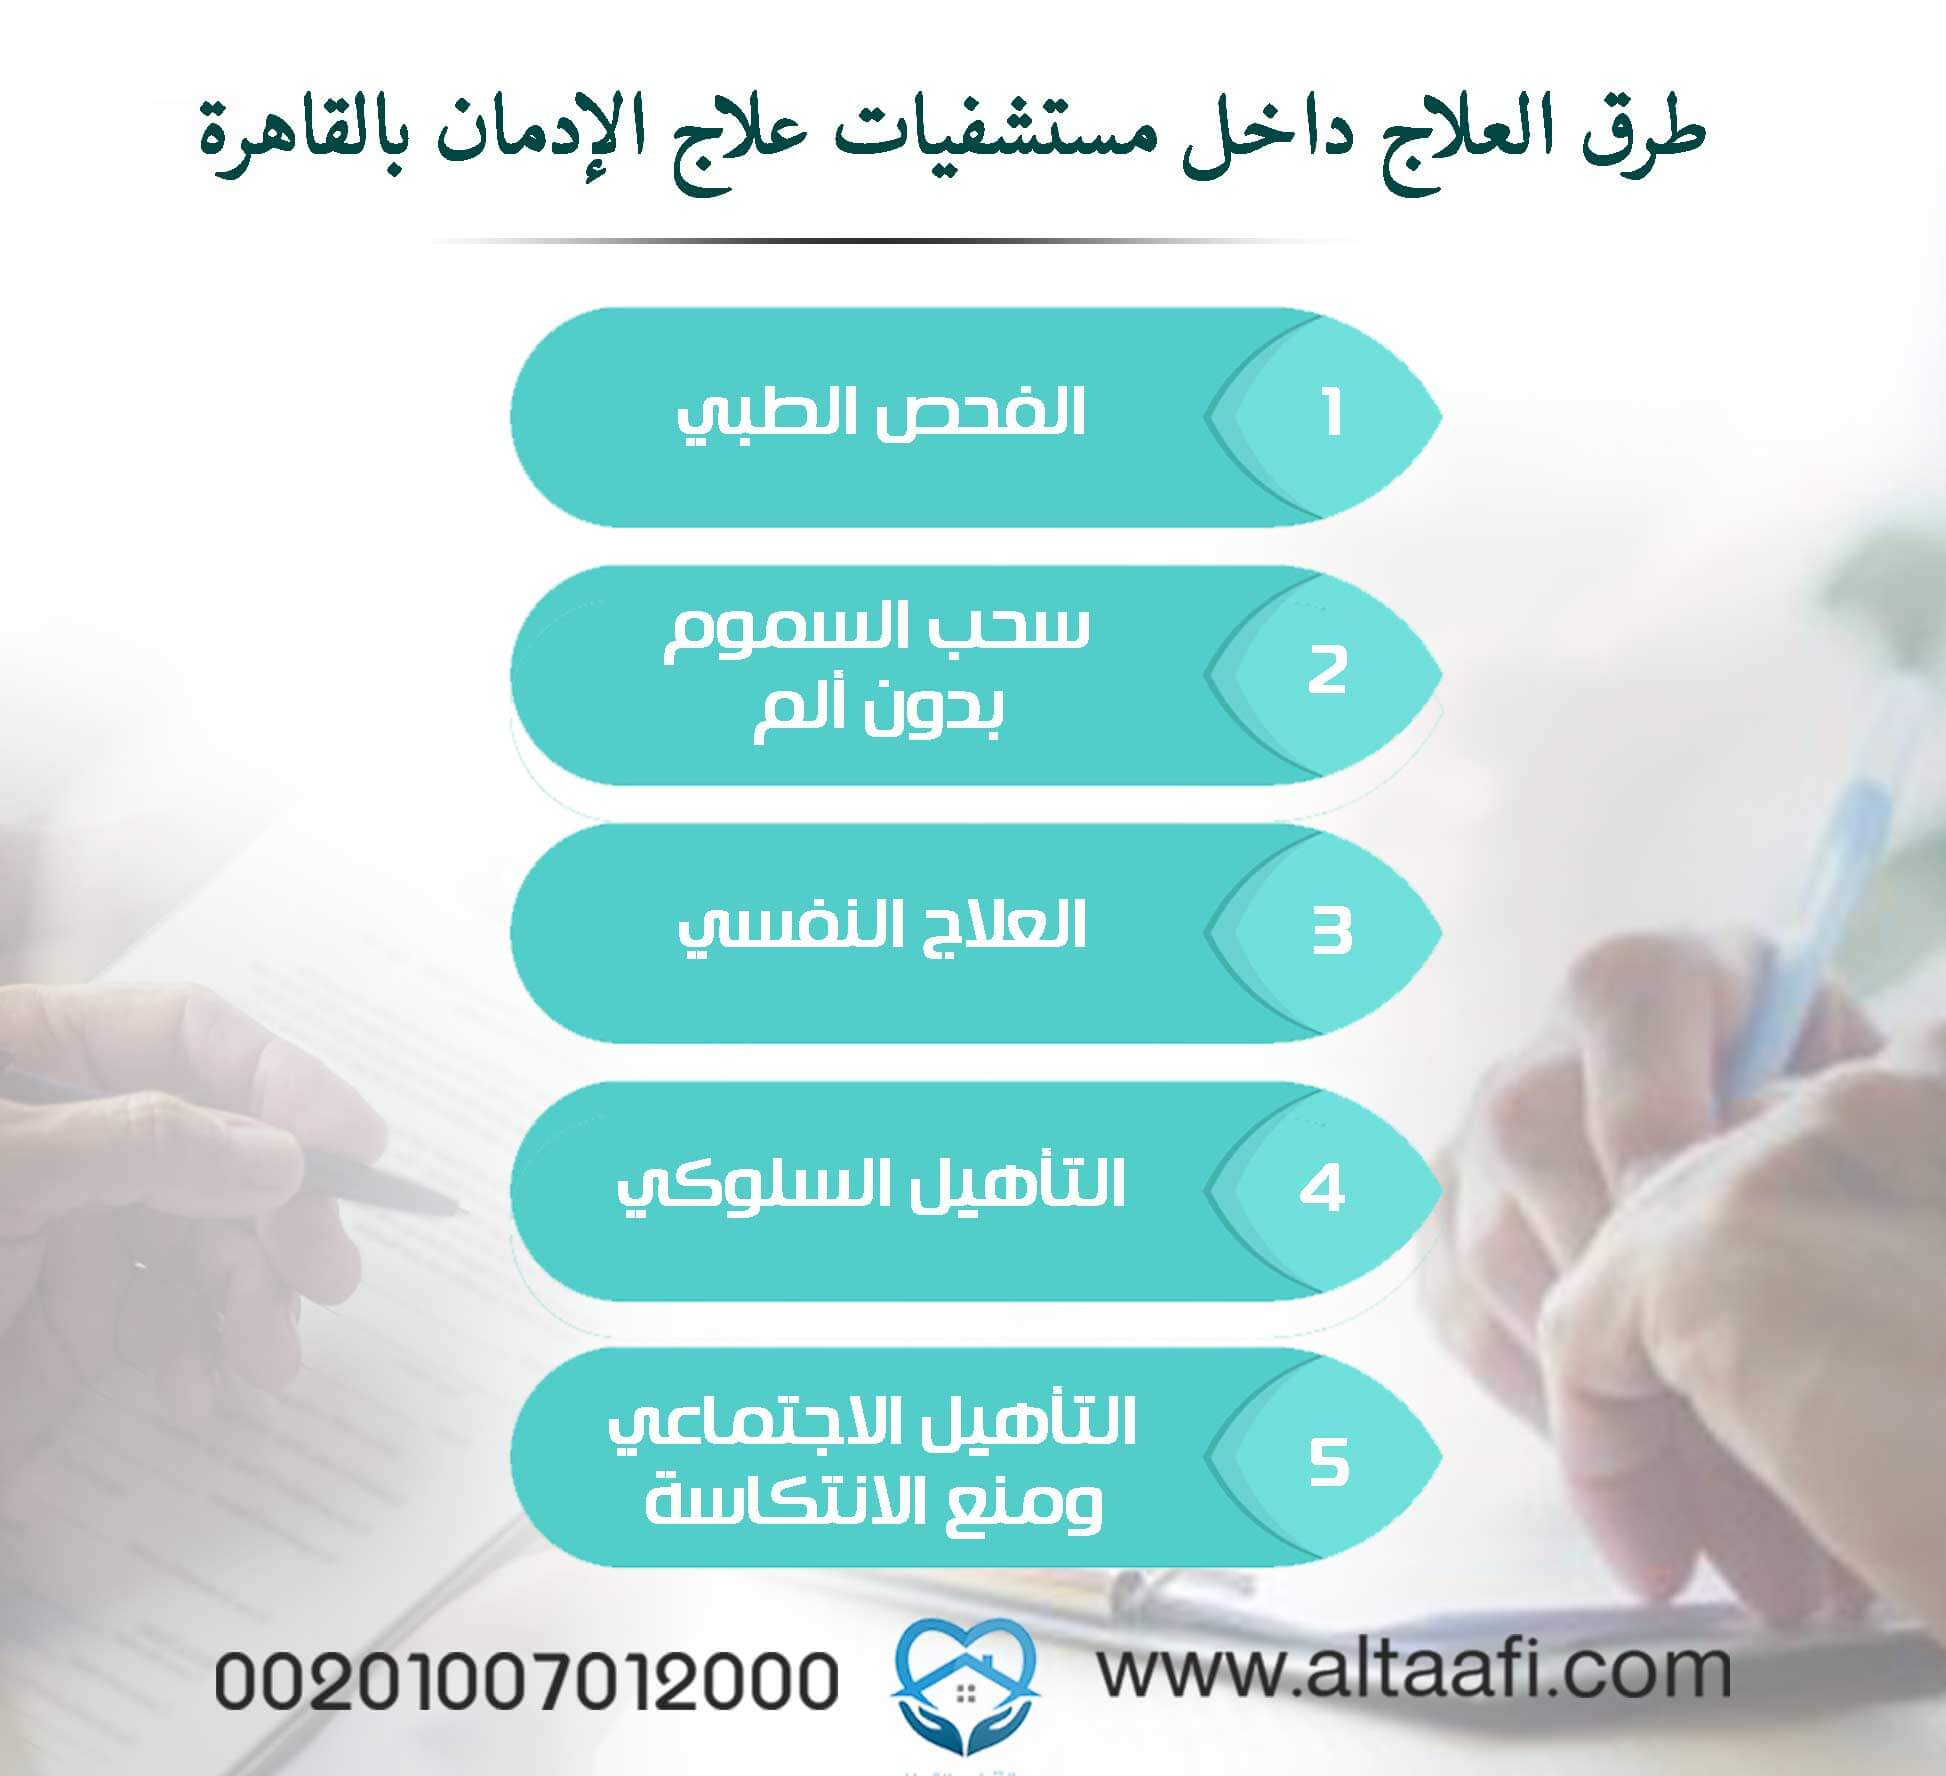 طرق العلاج داخل مستشفيات علاج الإدمان بالقاهرة